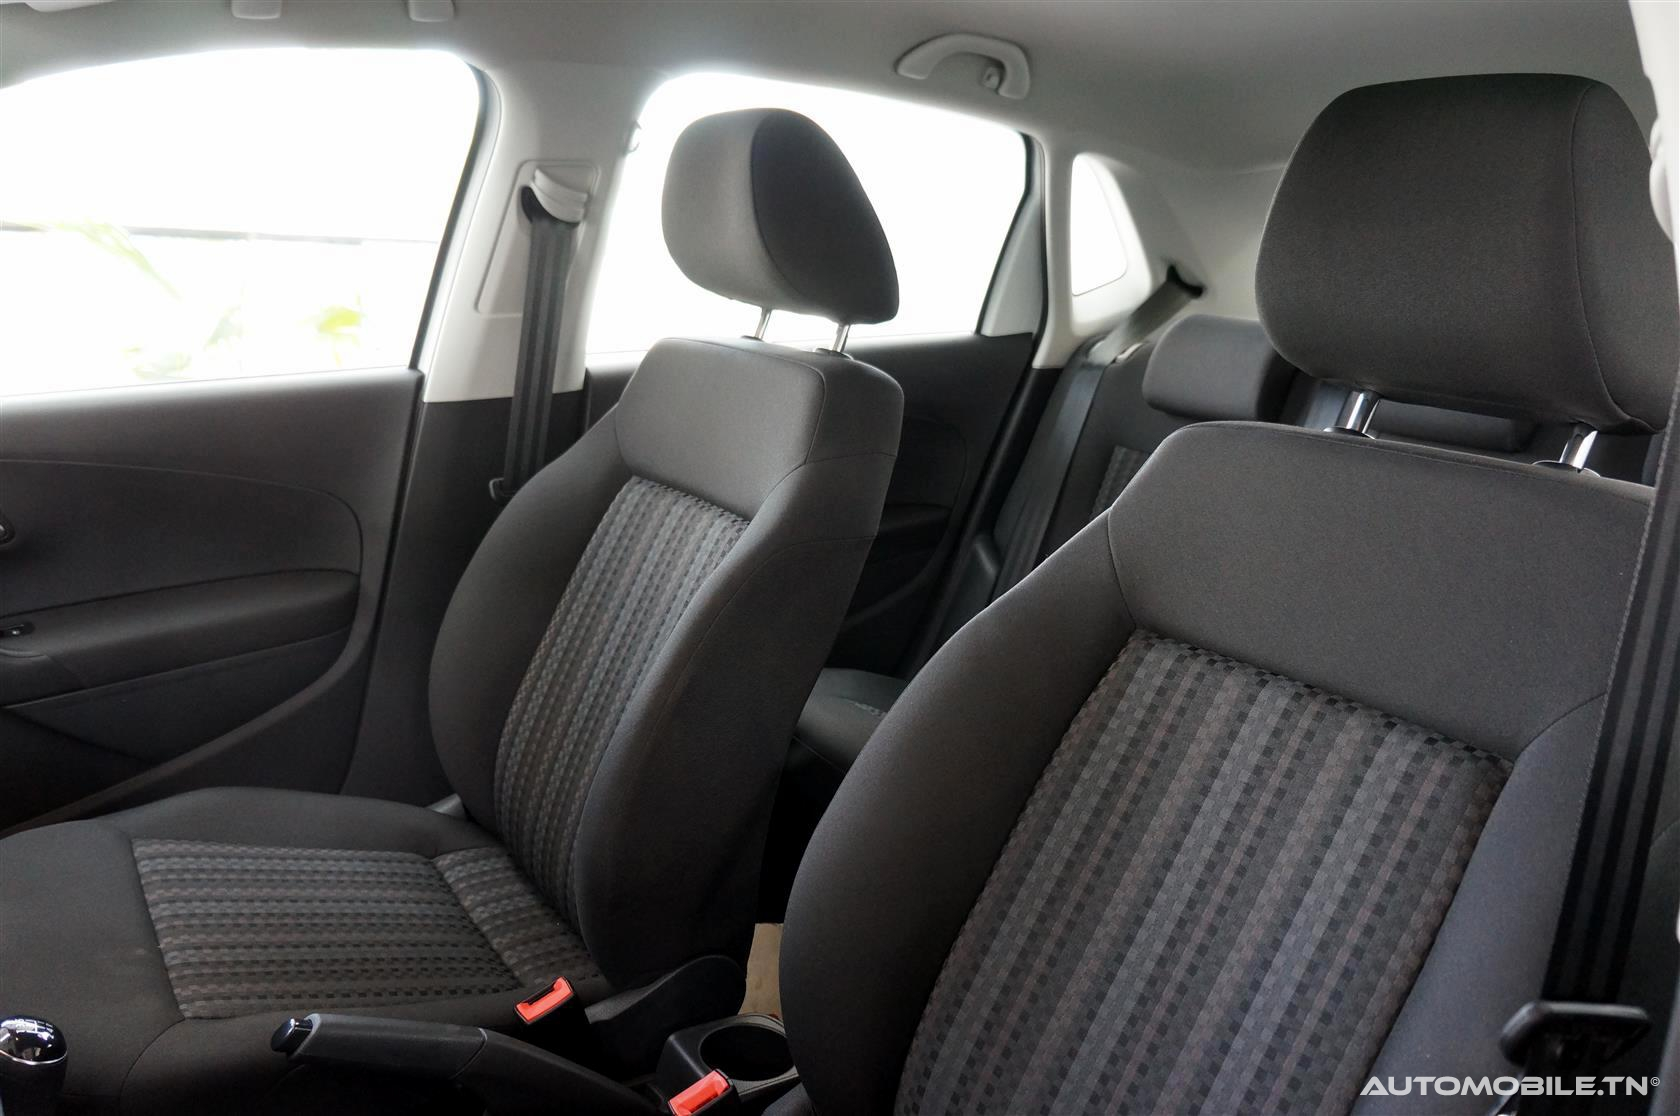 Nouveaut s nouvelle volkswagen polo chez ennakl automobiles for Eclairage automatique interieur